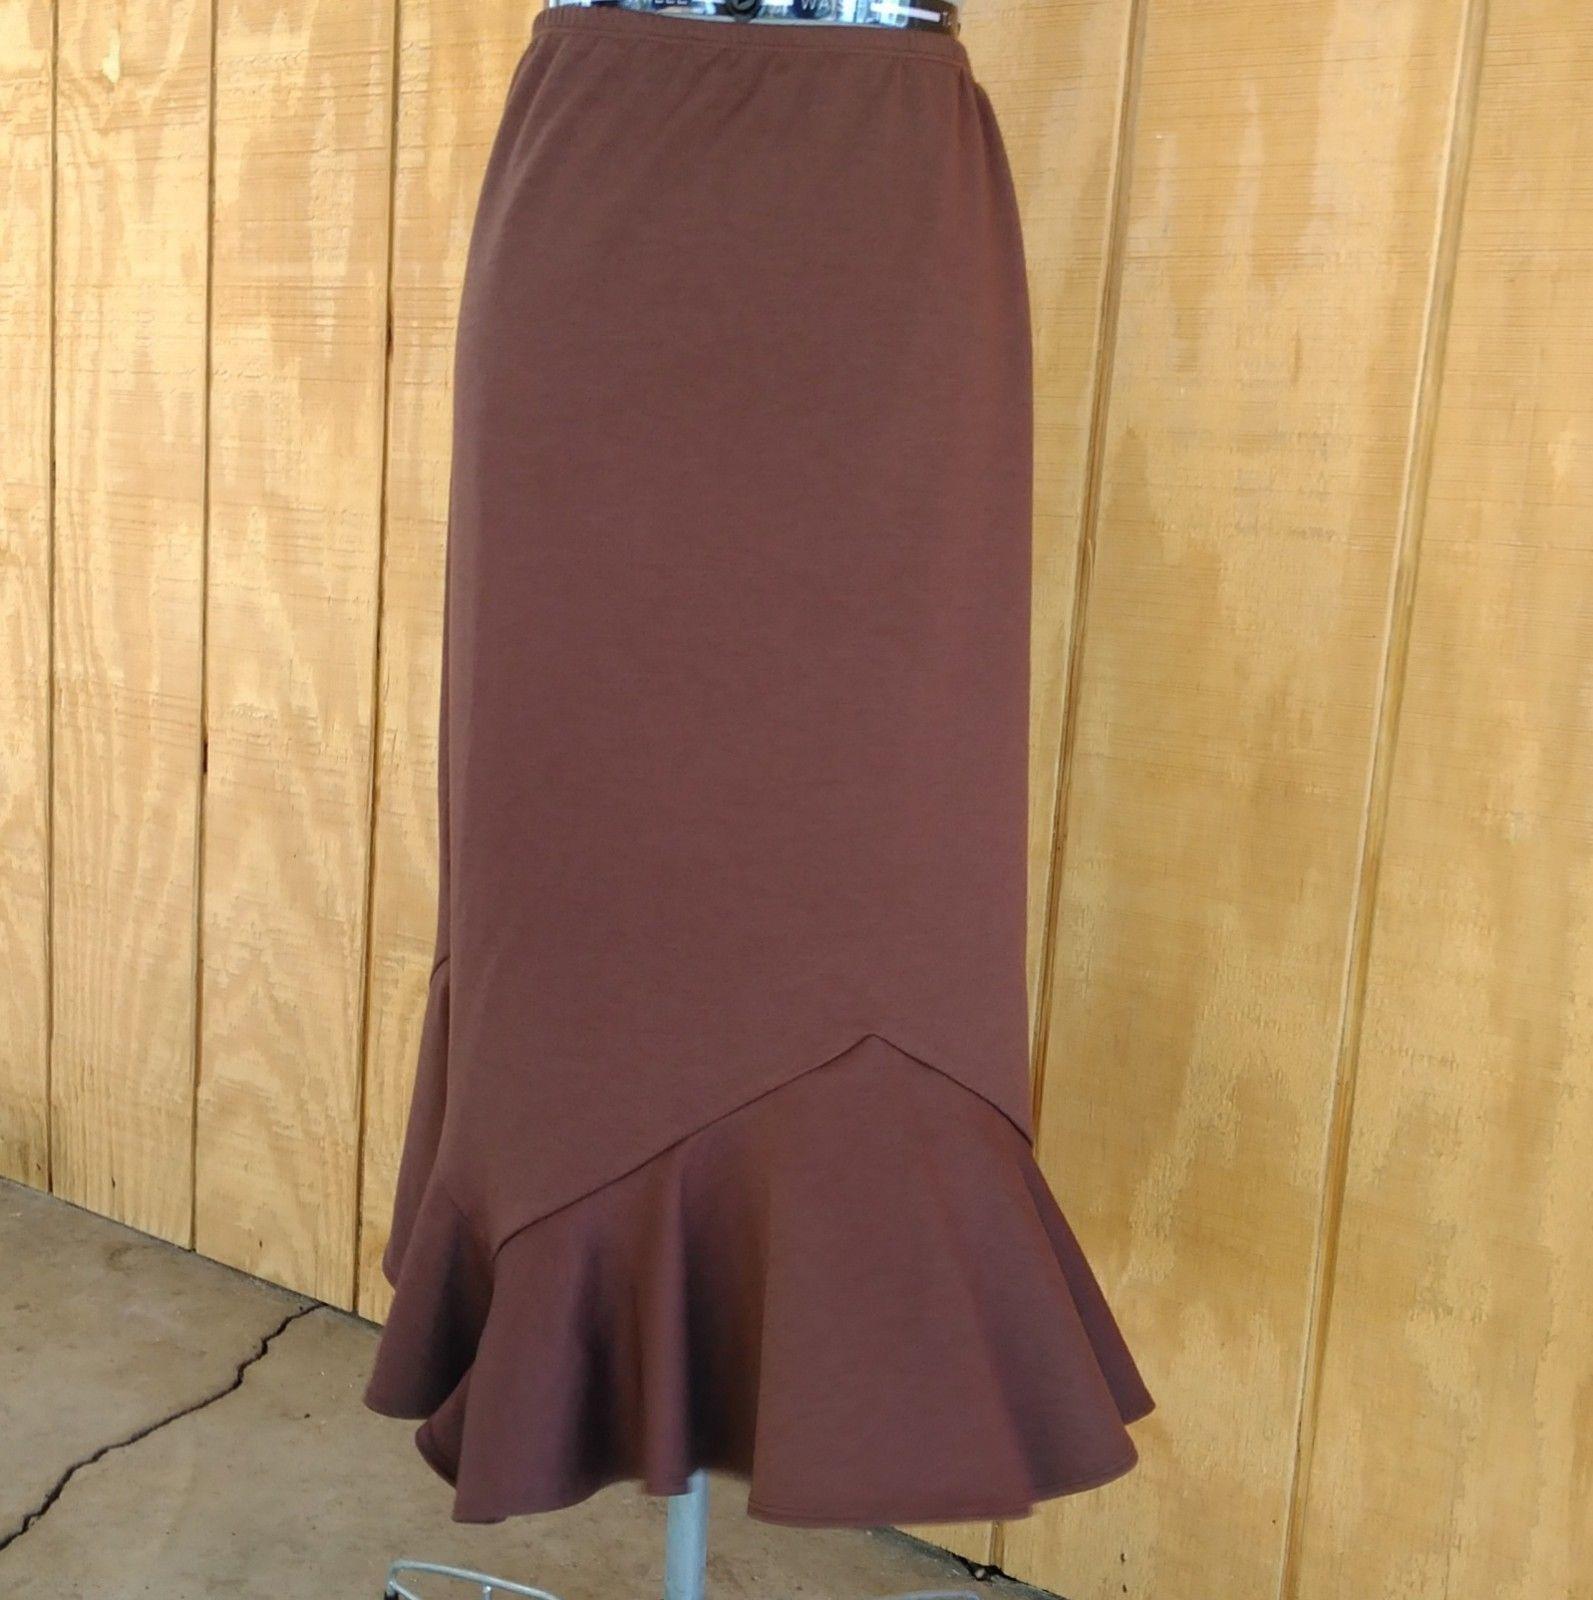 Elementz Brown Stretch Skirt Flared Bottom Size XL